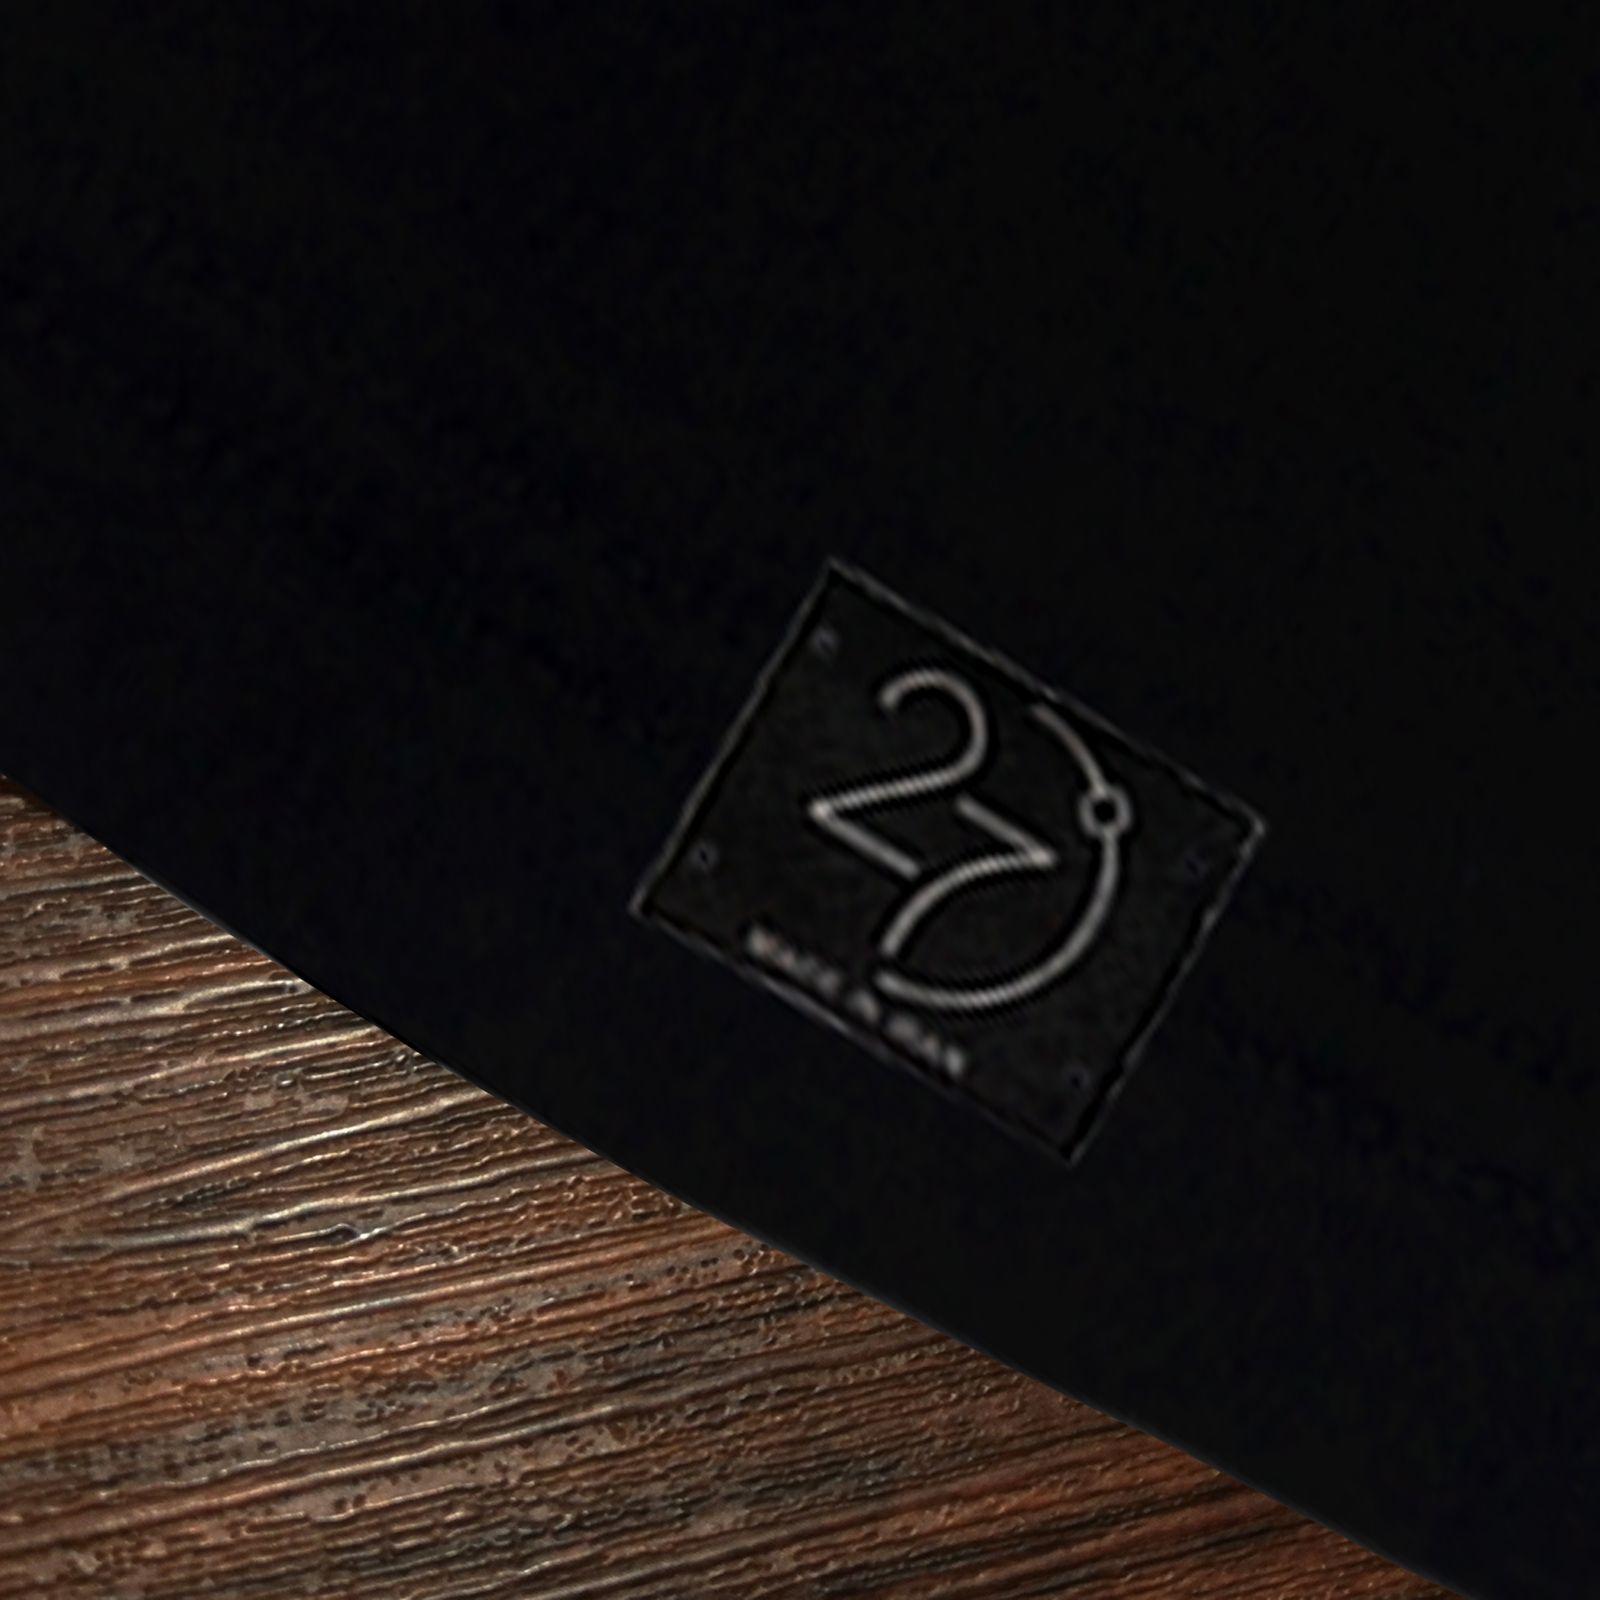 تی شرت آستین کوتاه مردانه 27 طرح دست کد TR06 رنگ مشکی -  - 3